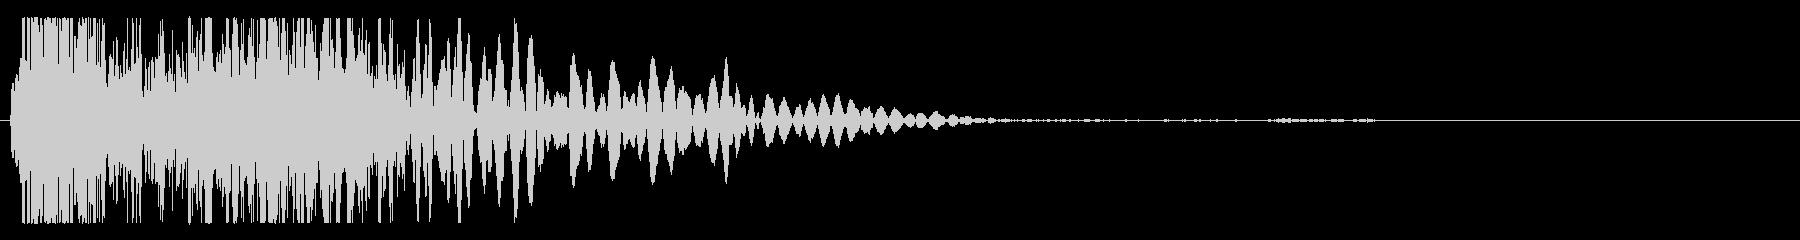 ヘビーガンショットの未再生の波形